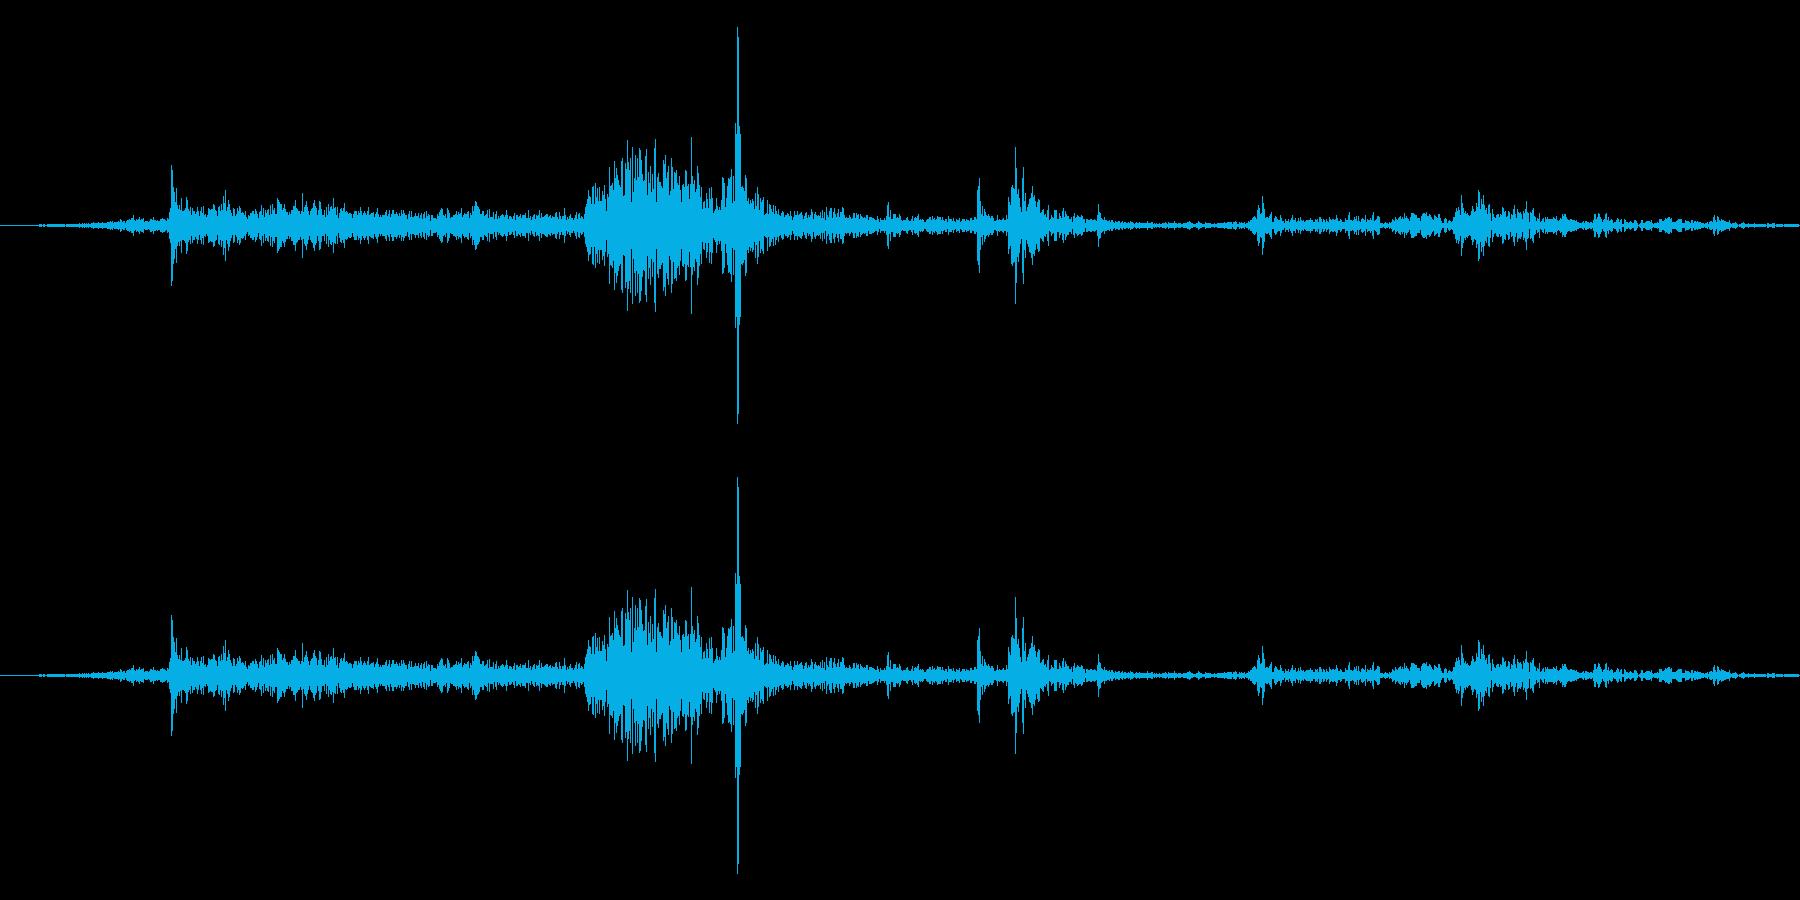 [紙]紙をめくる音の再生済みの波形